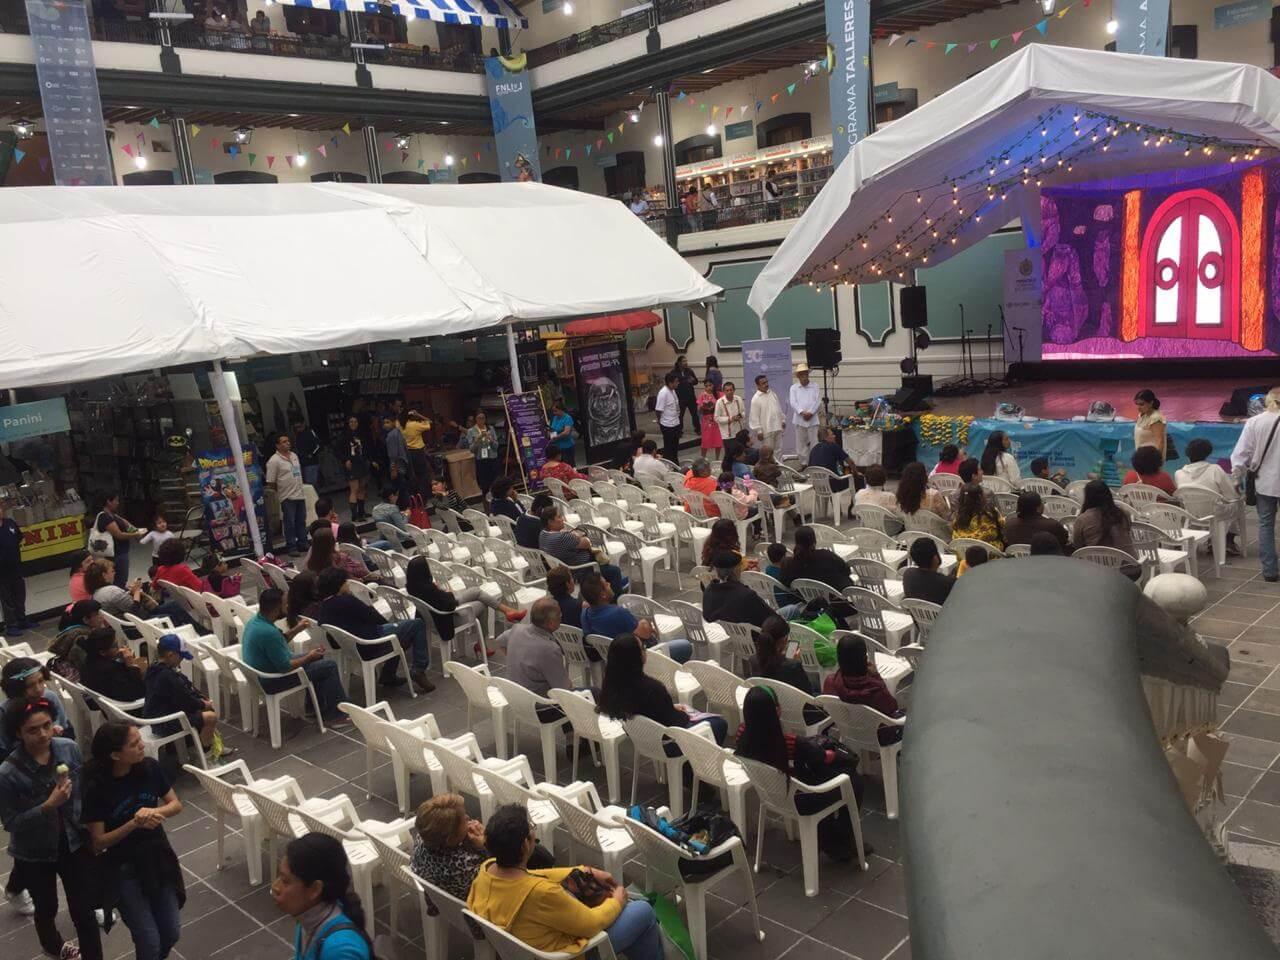 Este viernes 26 de julio, se realizó la inauguración de la 30ª Feria Nacional del Libro Infantil y Juvenil Xalapa 2019, la cual se celebrará del 26 de julio al 4 de agosto en el Colegio Preparatorio de Xalapa ubicado en Juárez.